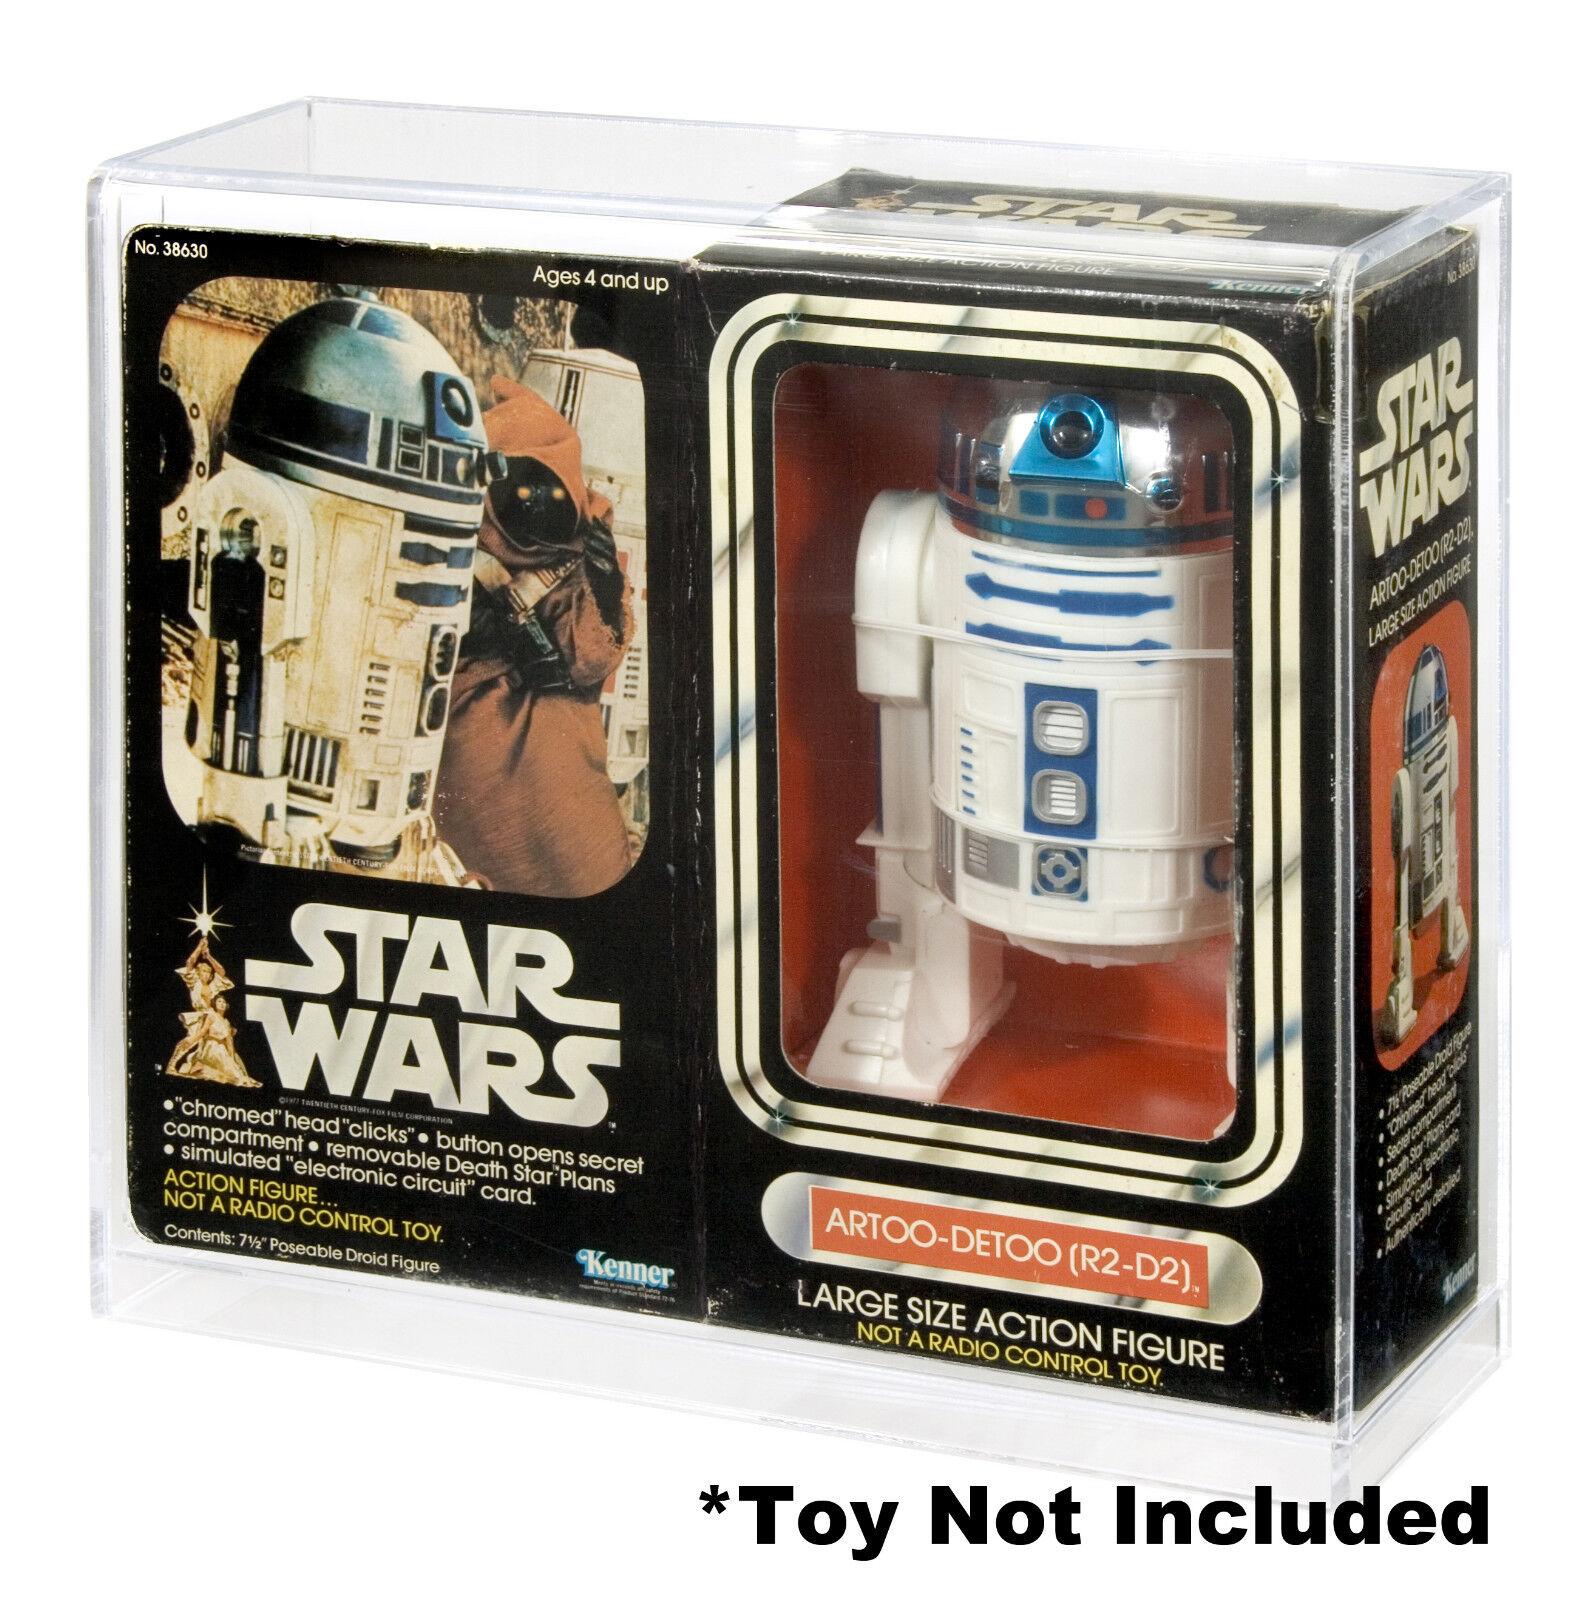 Star Wars R2-D2 12